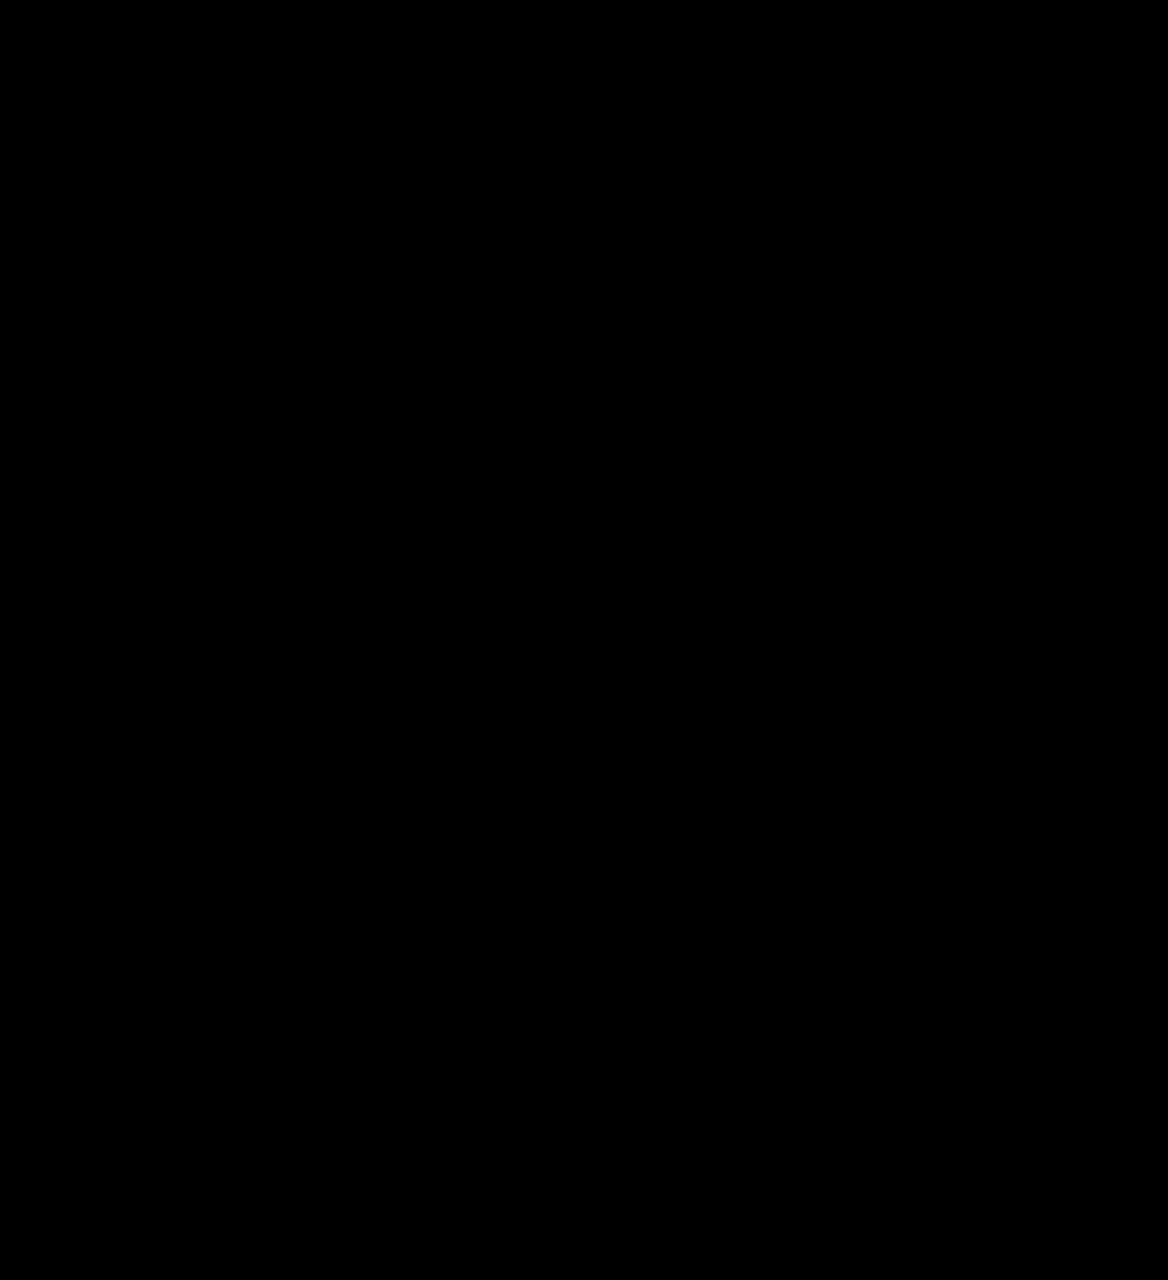 ג'וקים